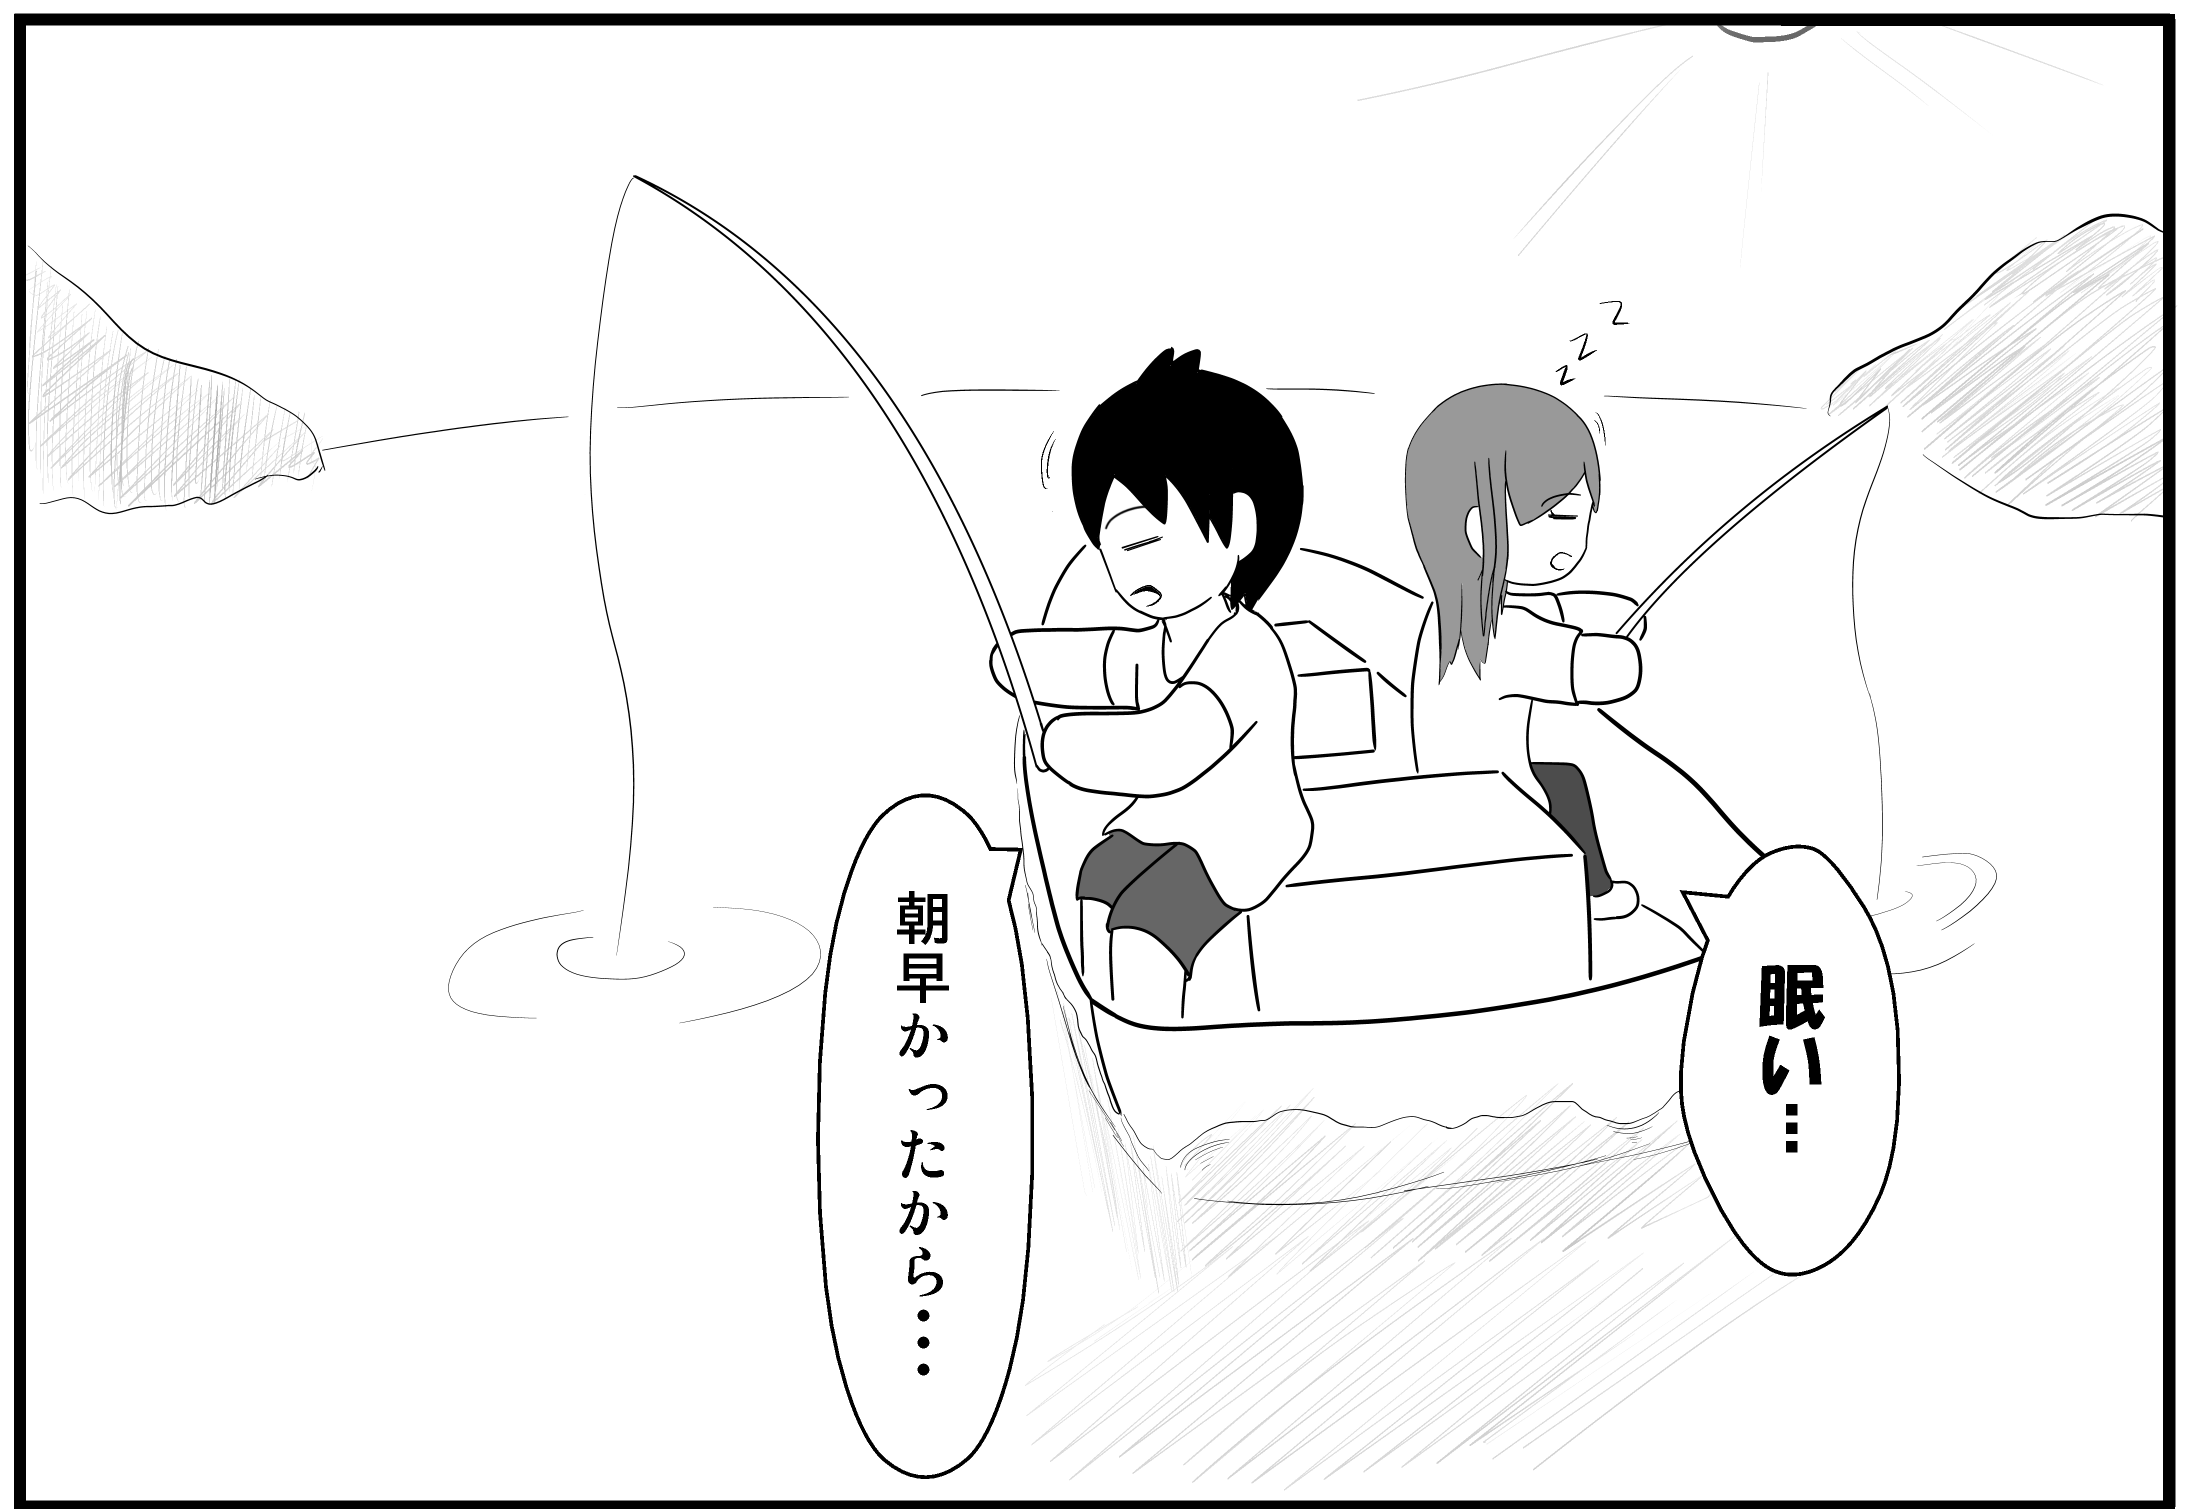 ボート 作成用